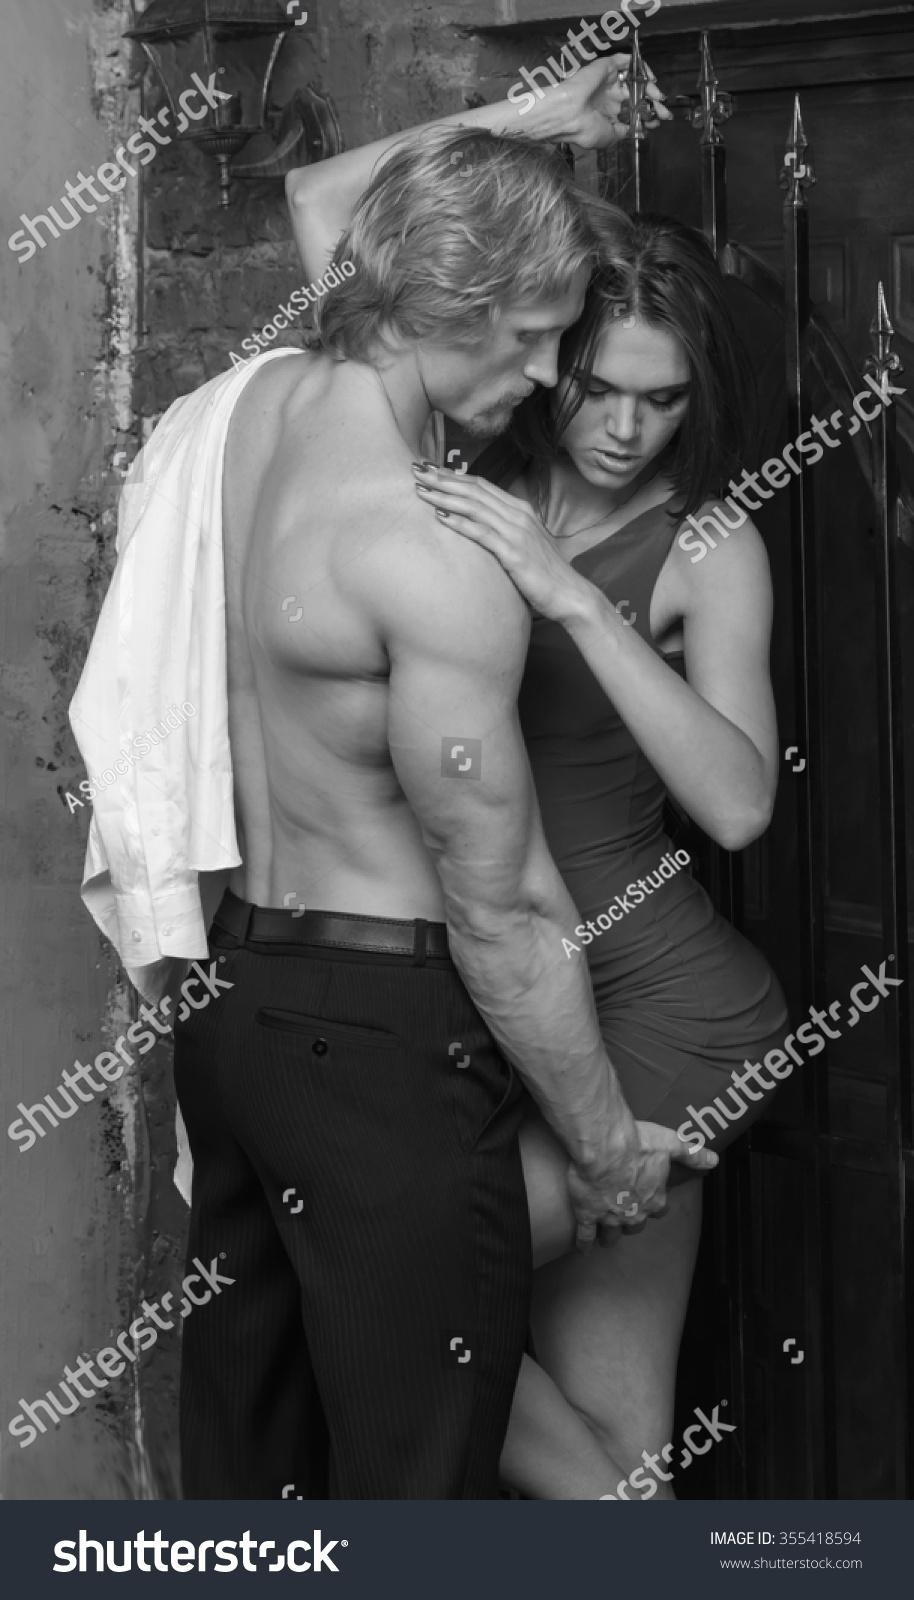 jennette mccurdy sex scene